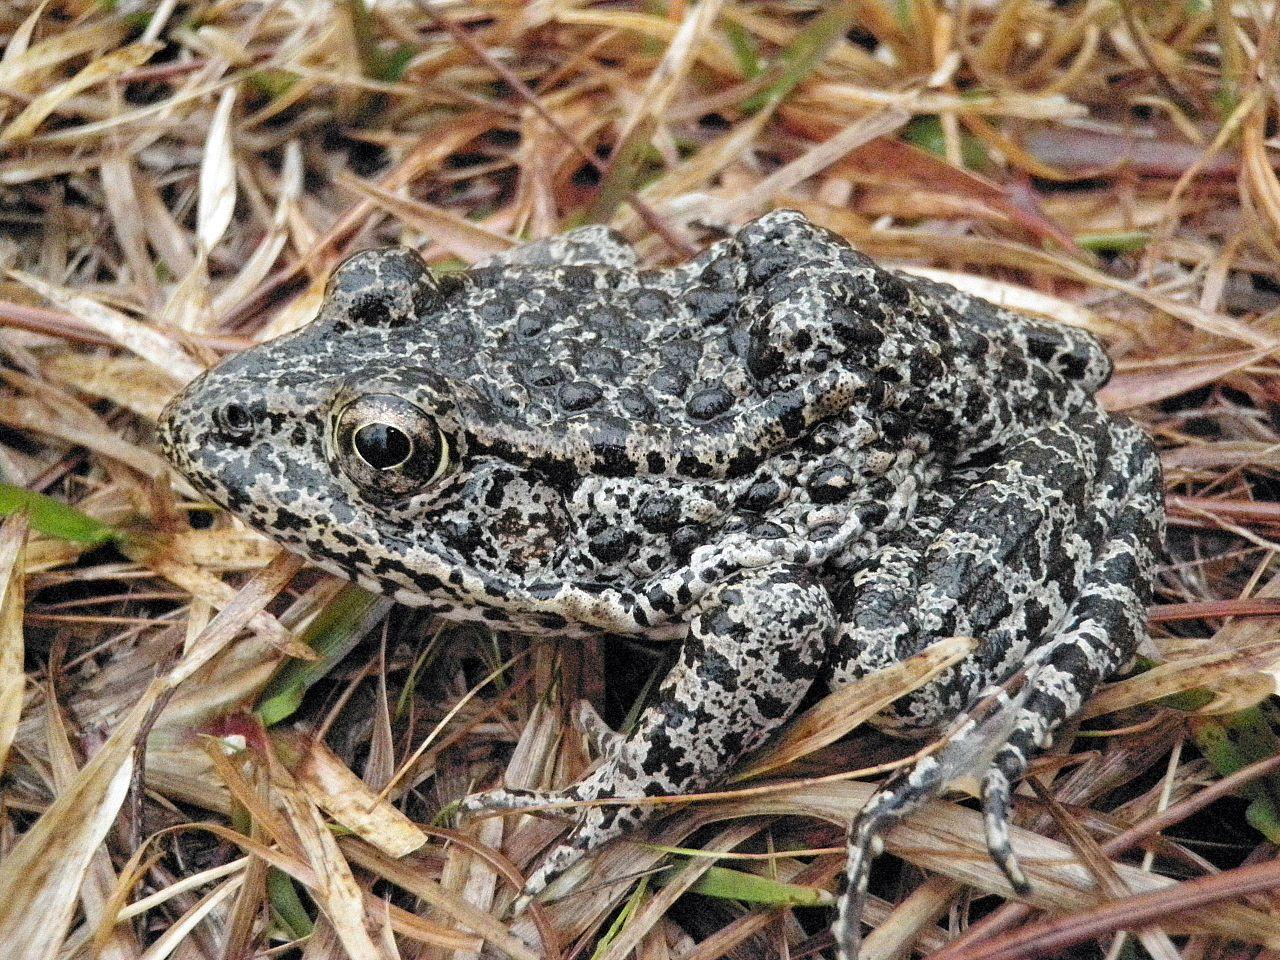 Dusky Gopher Frog a